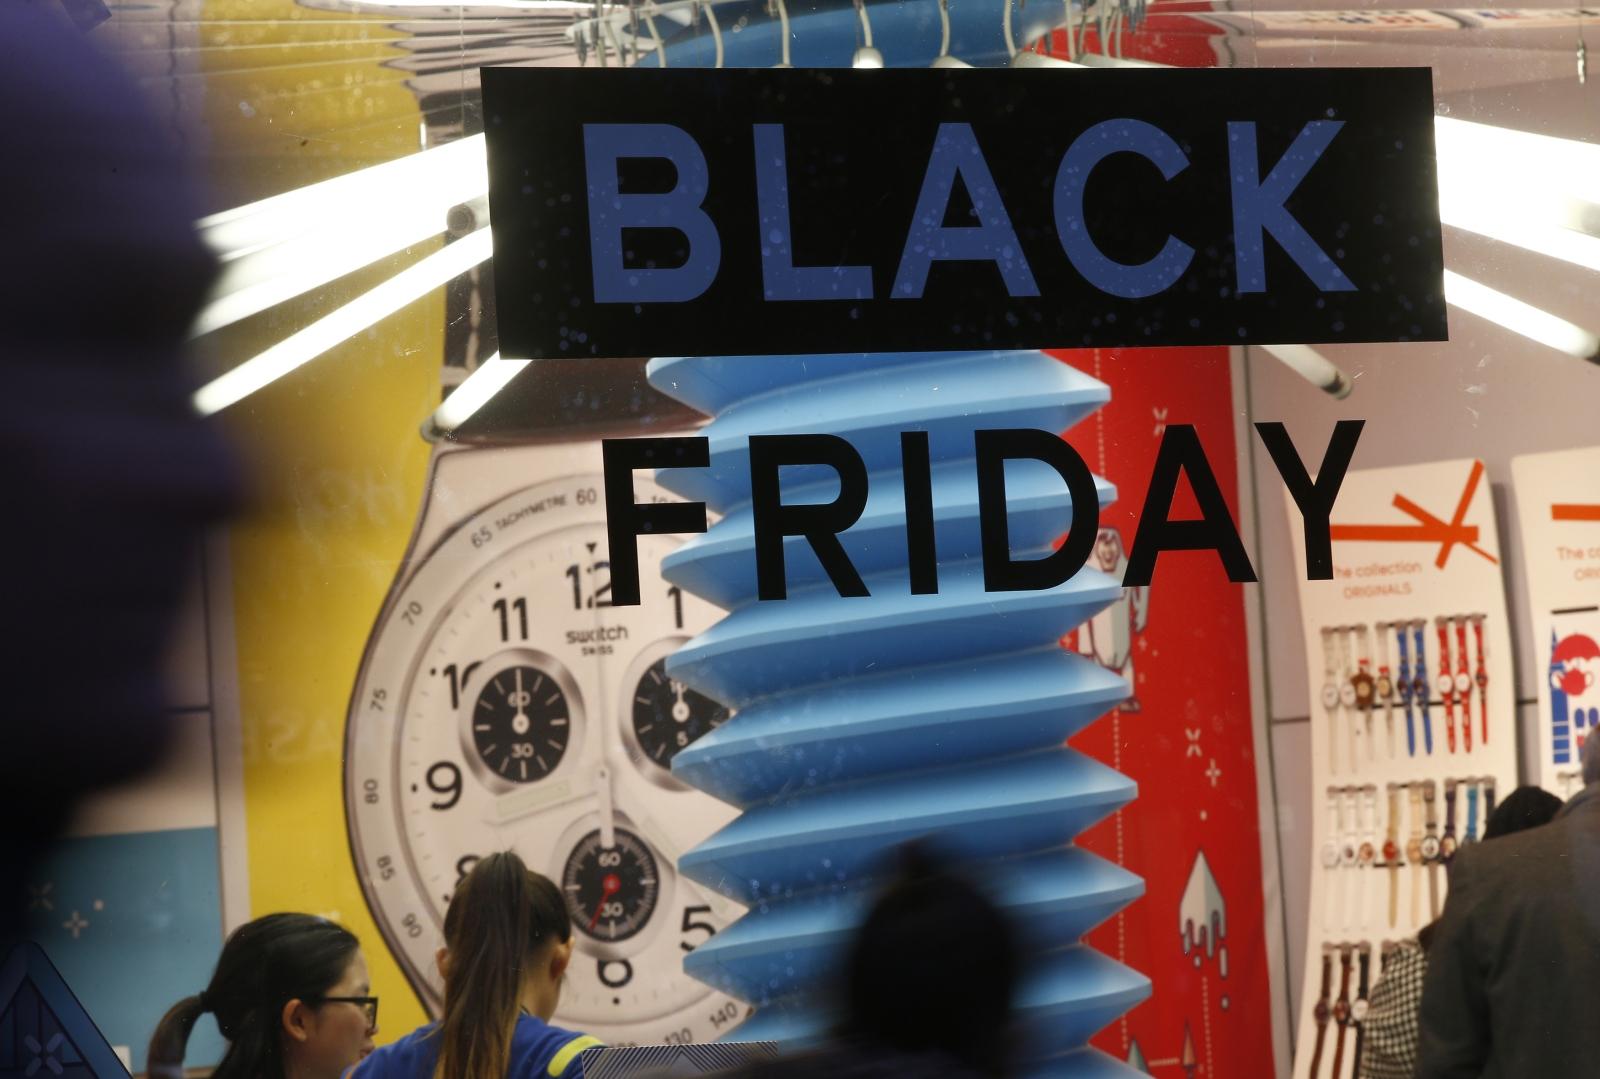 Black Friday 2016 in UK